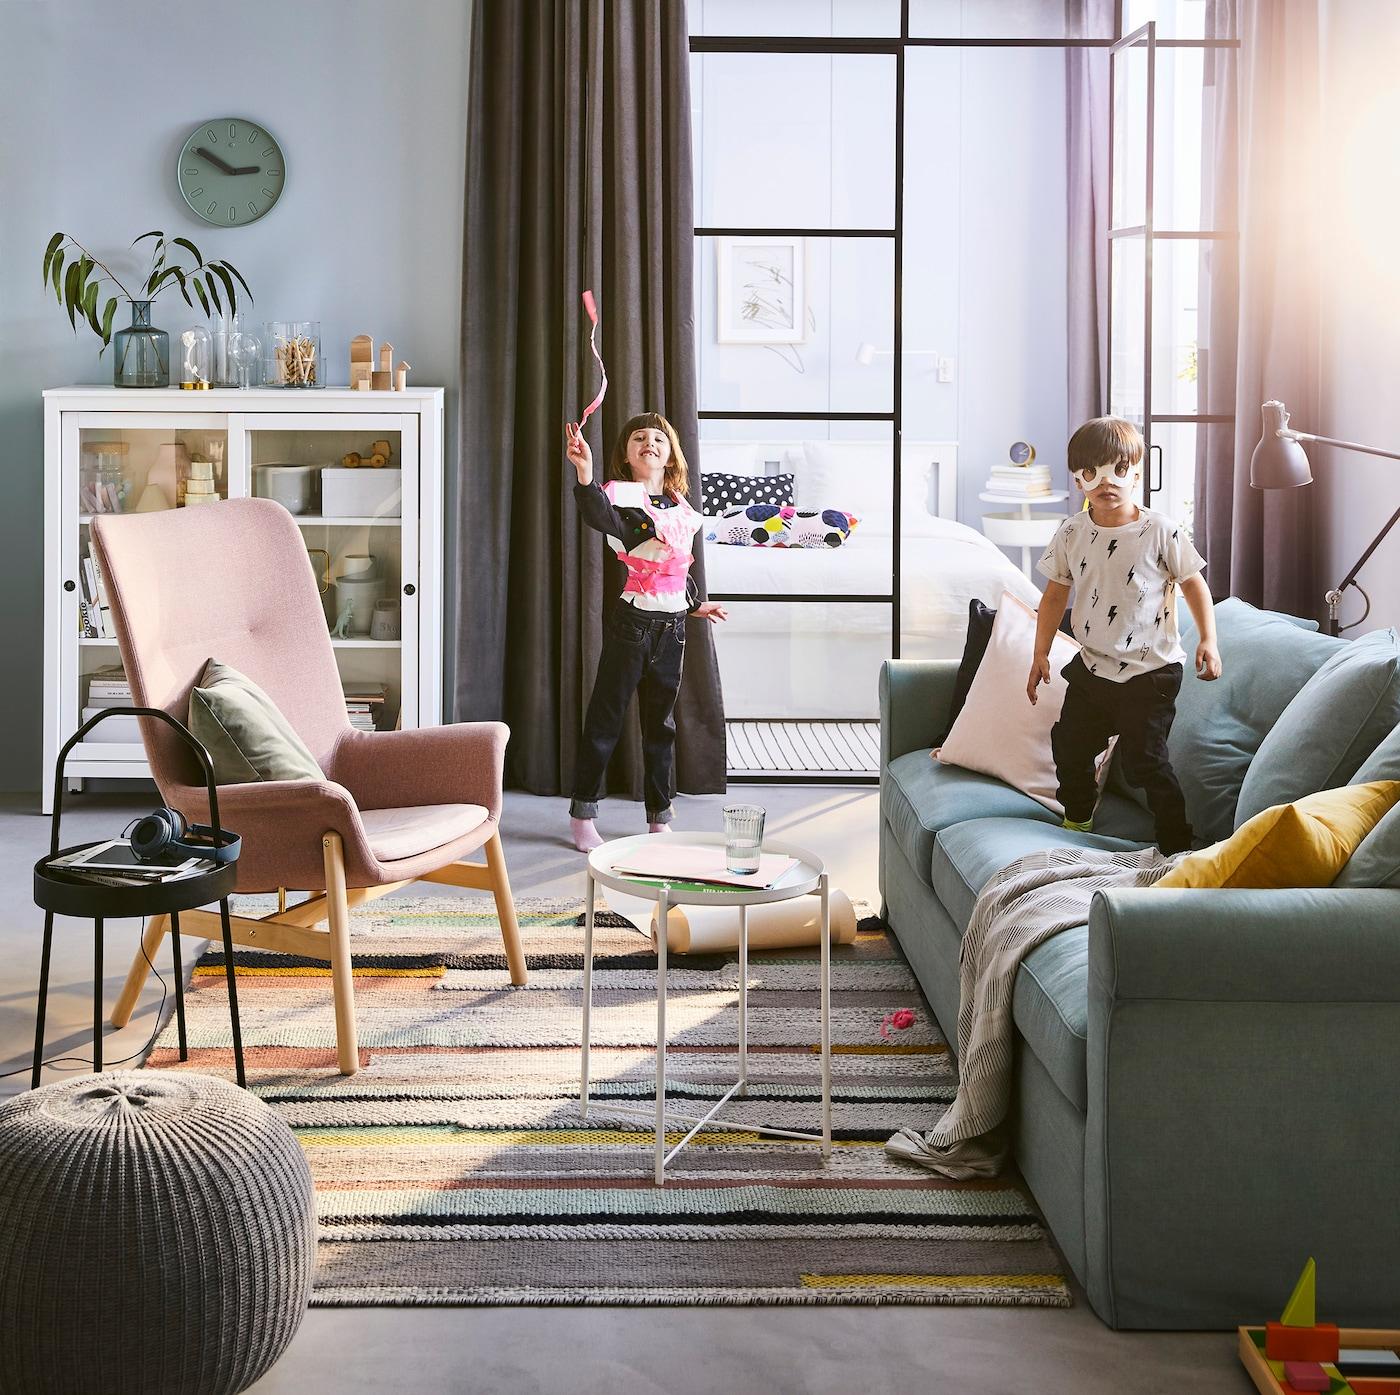 Ein Raum Mit Einem Sofa, Einem Sessel Und Einer Vitrine, In Dem Zwei Kinder